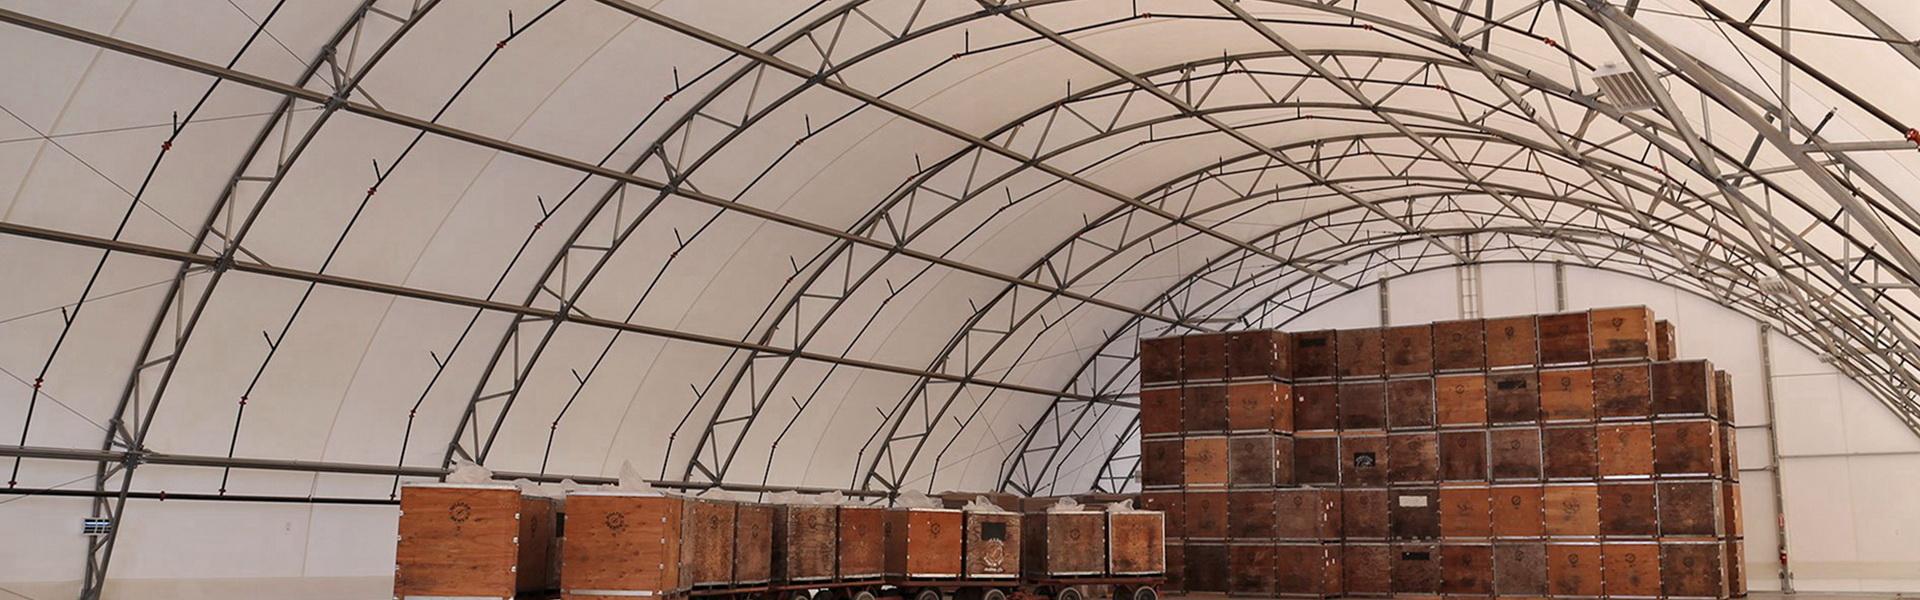 电动推拉篷,电动伸缩推拉篷,电动推拉雨棚